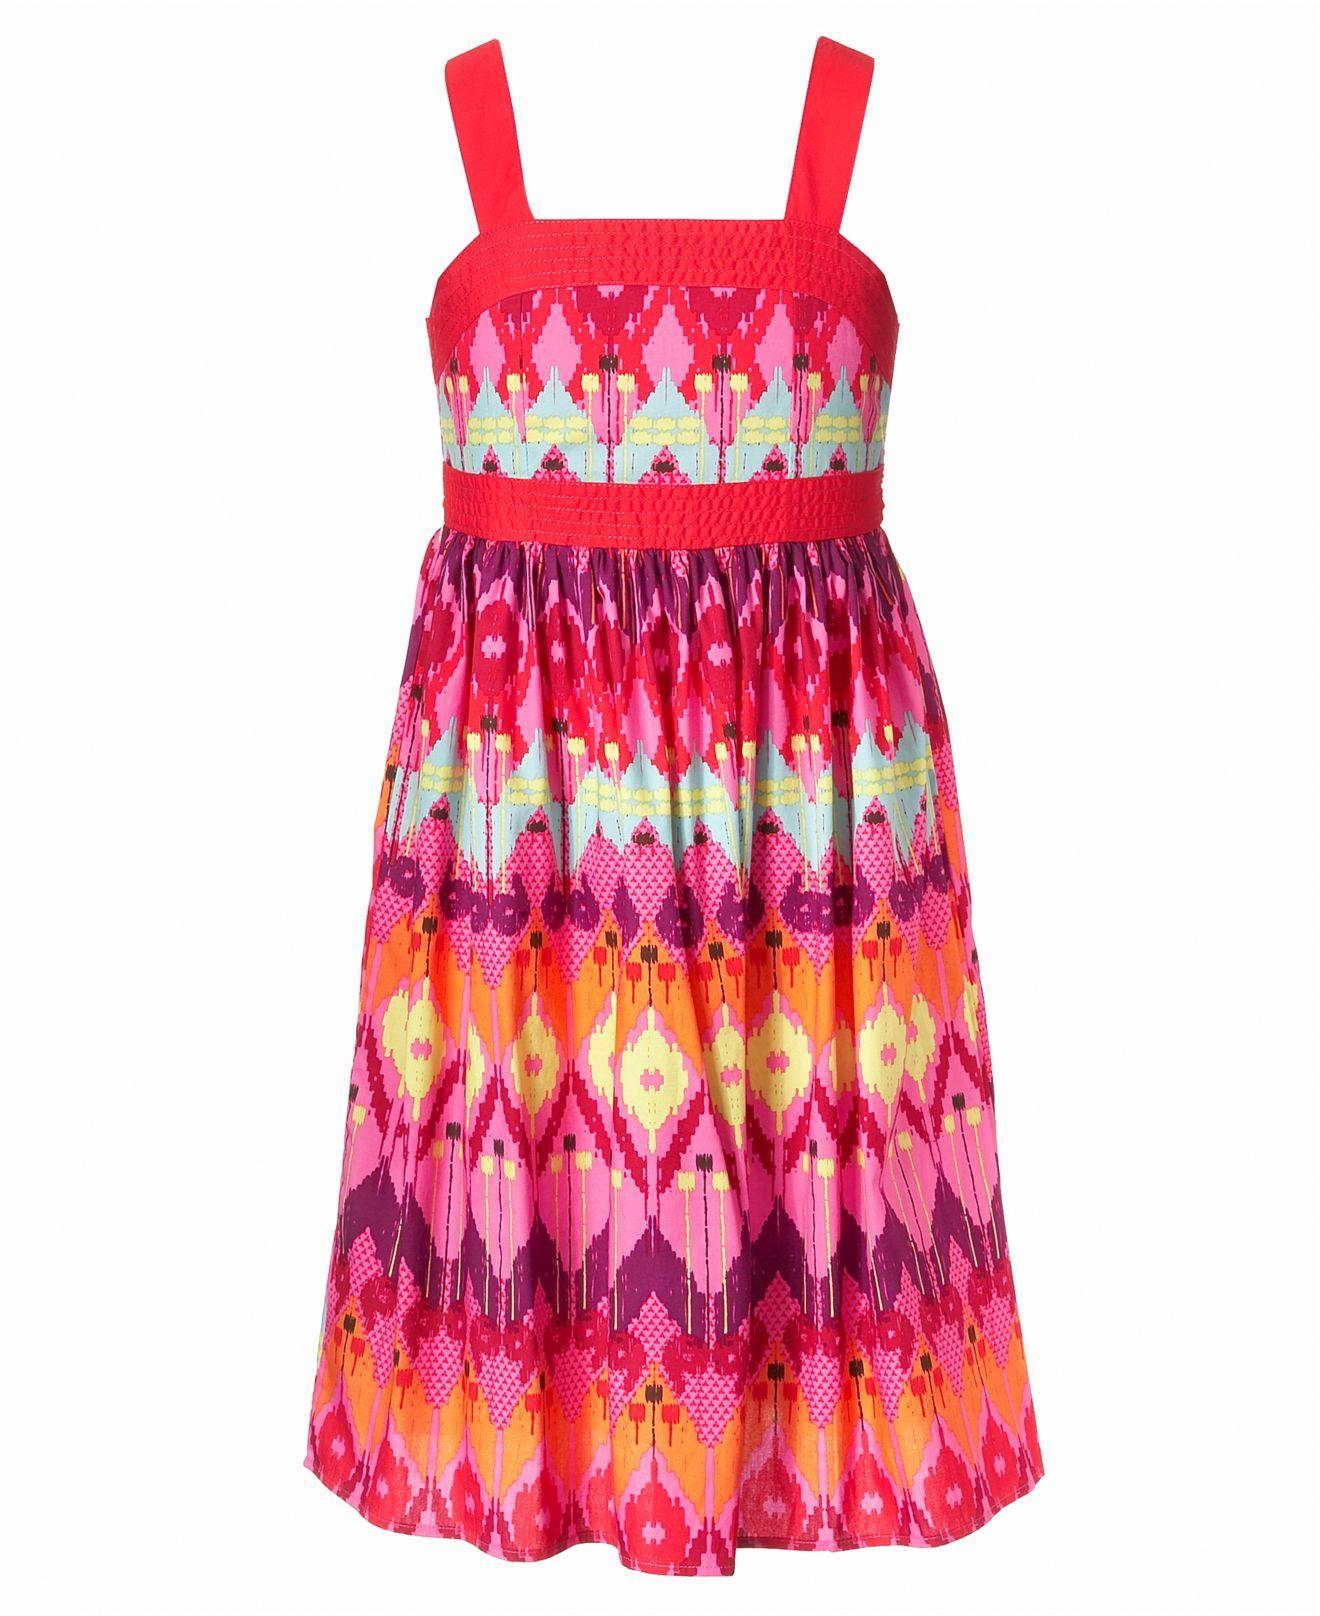 981c8f42f492 Bloome Kids Dress